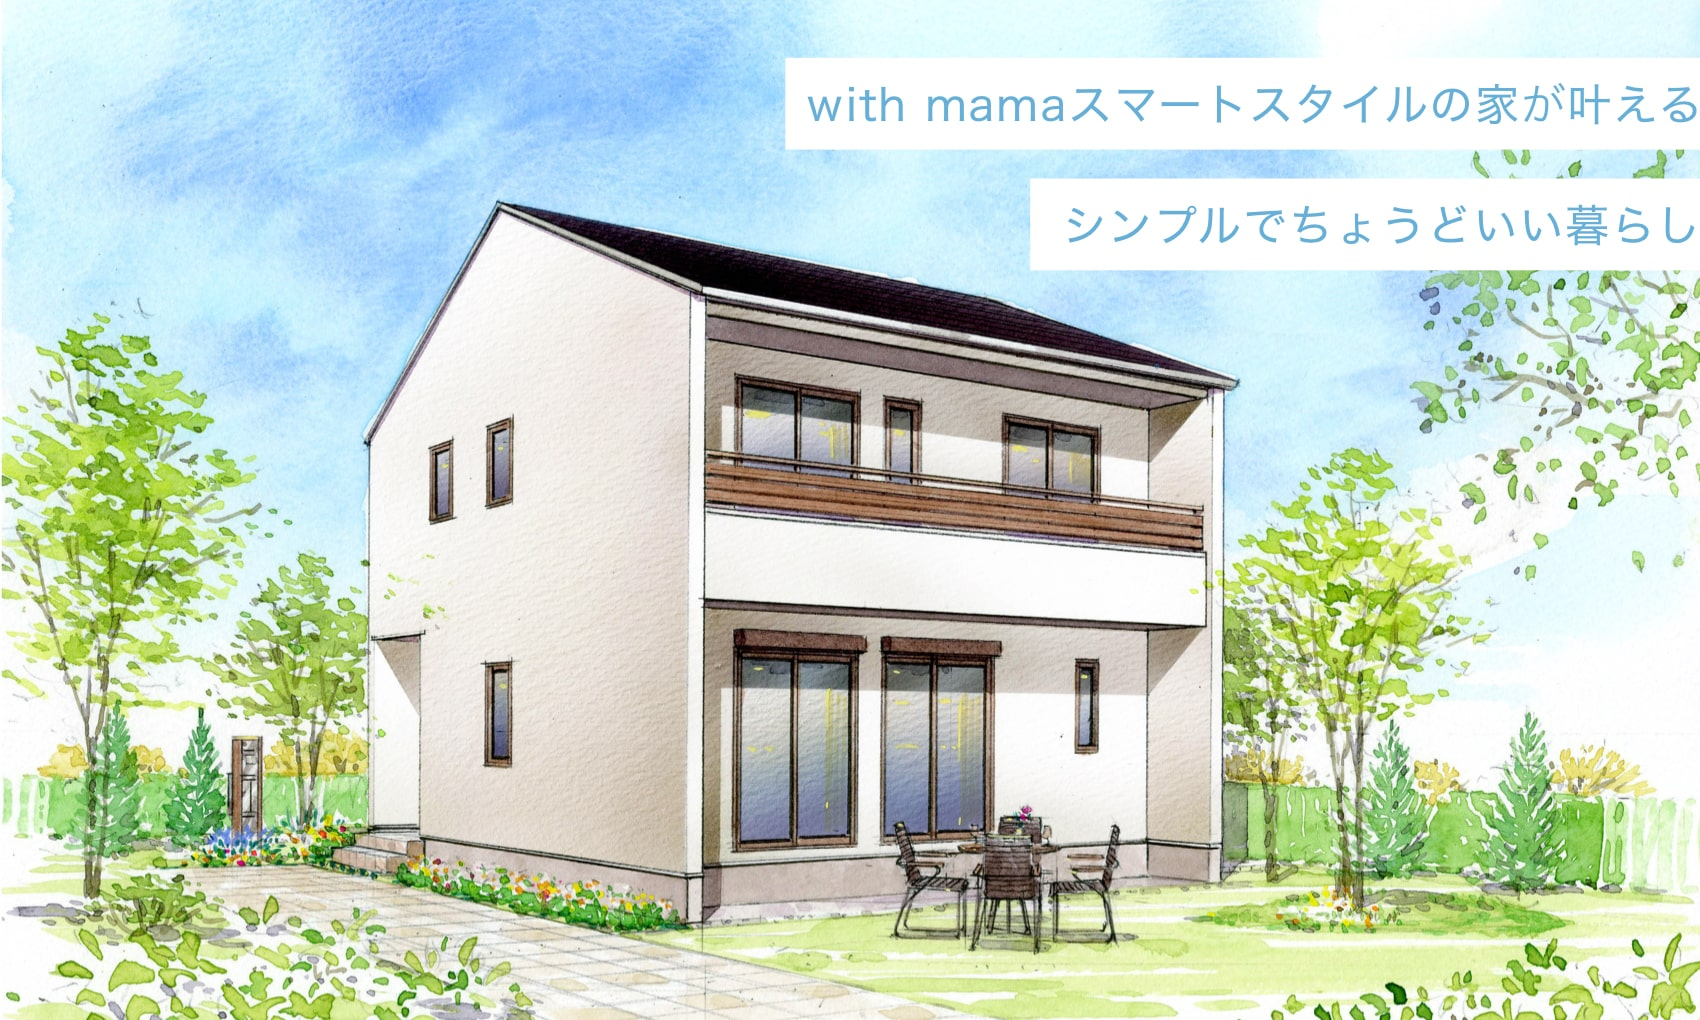 wwith mamaスマートスタイルの家が叶えるシンプルでちょうどいい暮らし